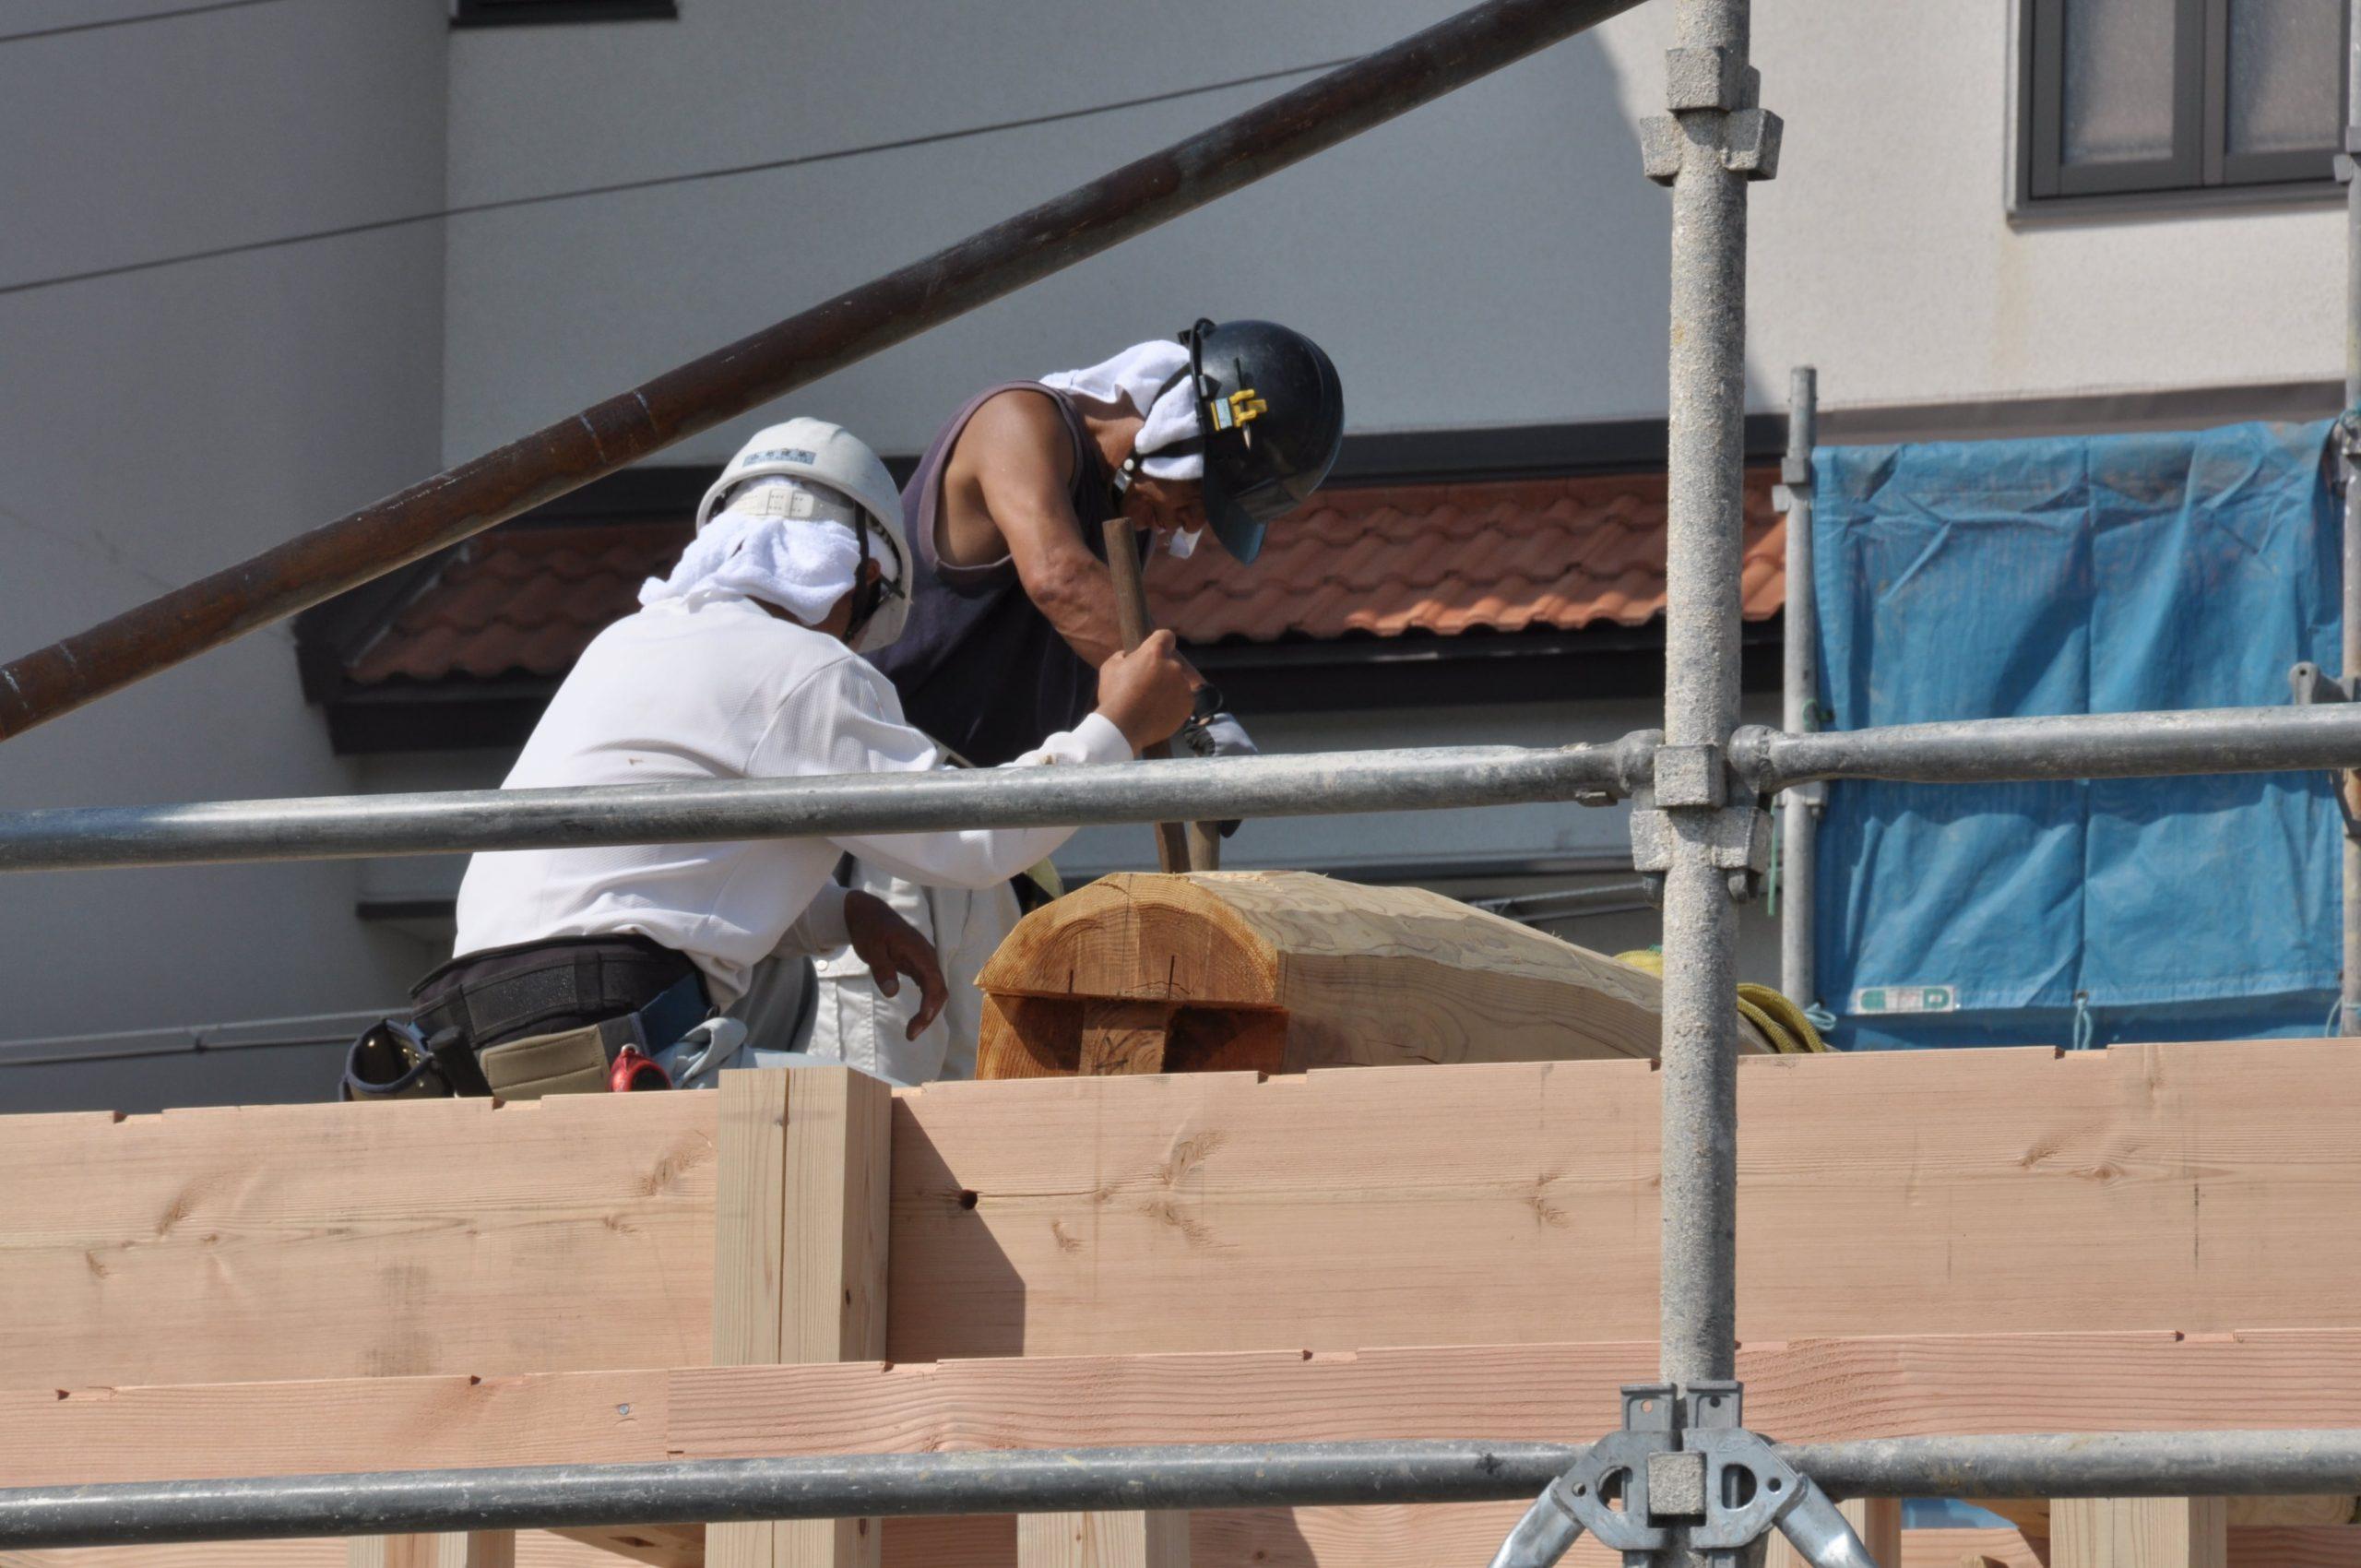 愛知県名古屋の設計事務所、小牧市の一級建築士事務所「(株)和田建設」の施工事例の写真です。